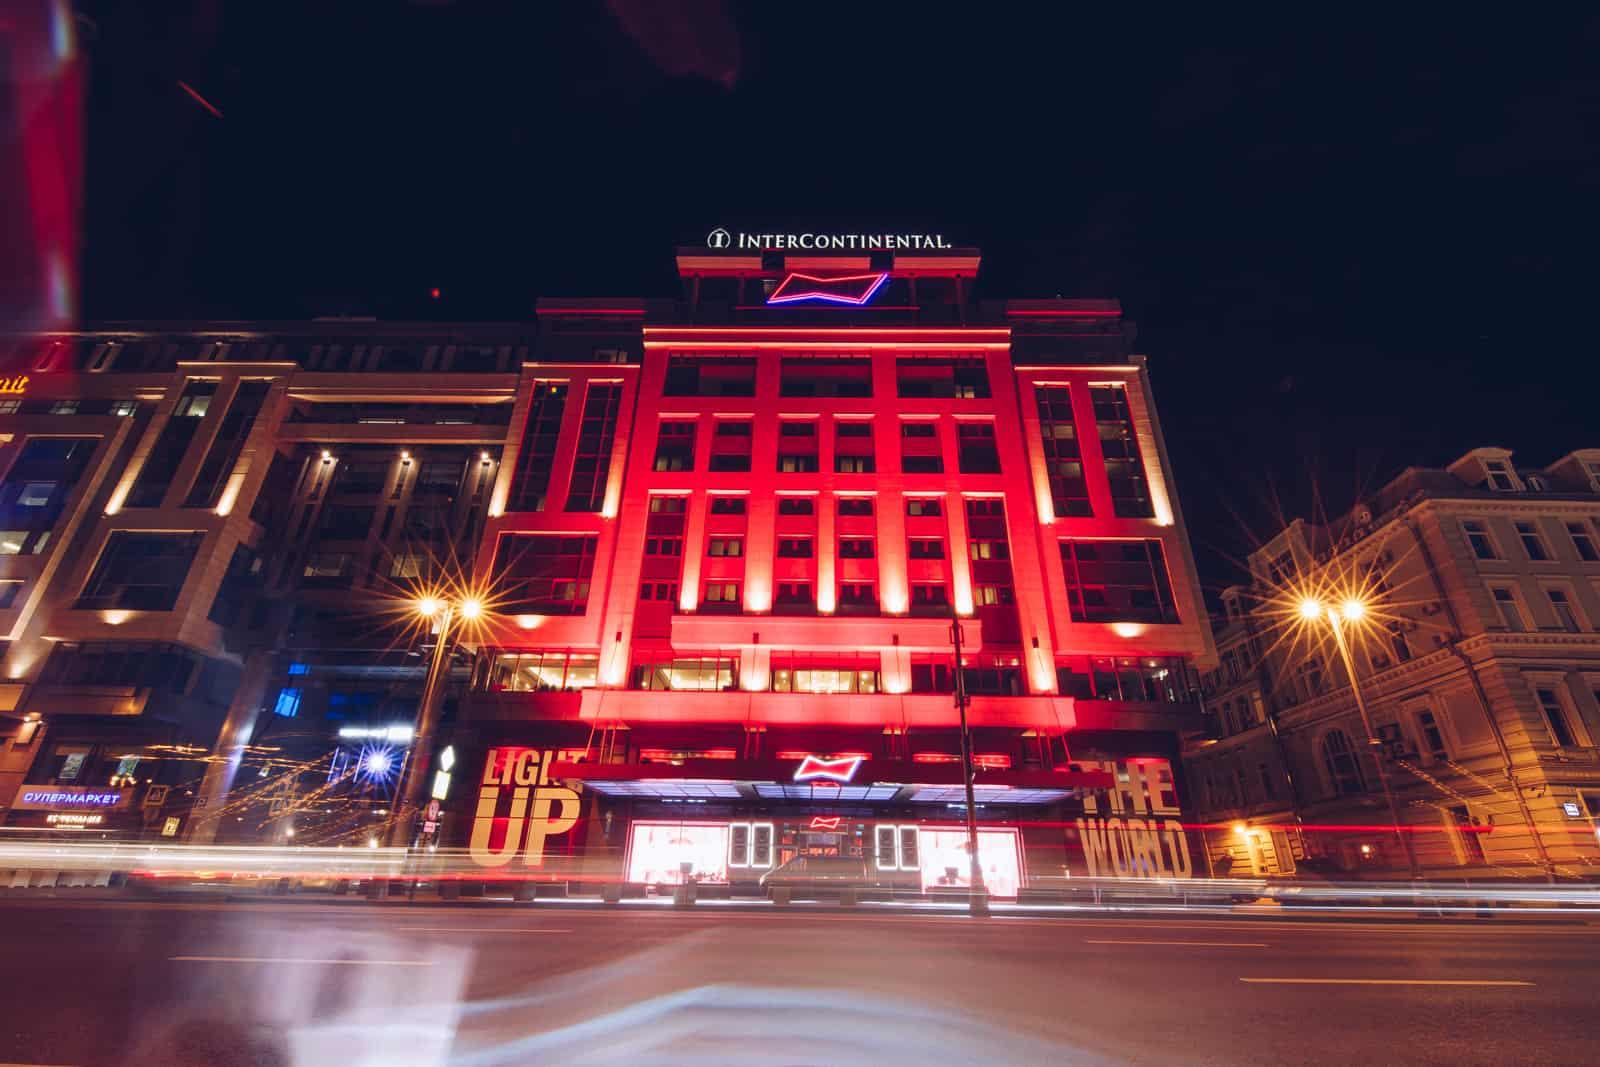 bud hotel москва  bud hotel В Москве открылся BUD Hotel: самый стильный отель мирового первенства 180613 PRDayBudHotel Photo Raul Aragao 1600px 9953